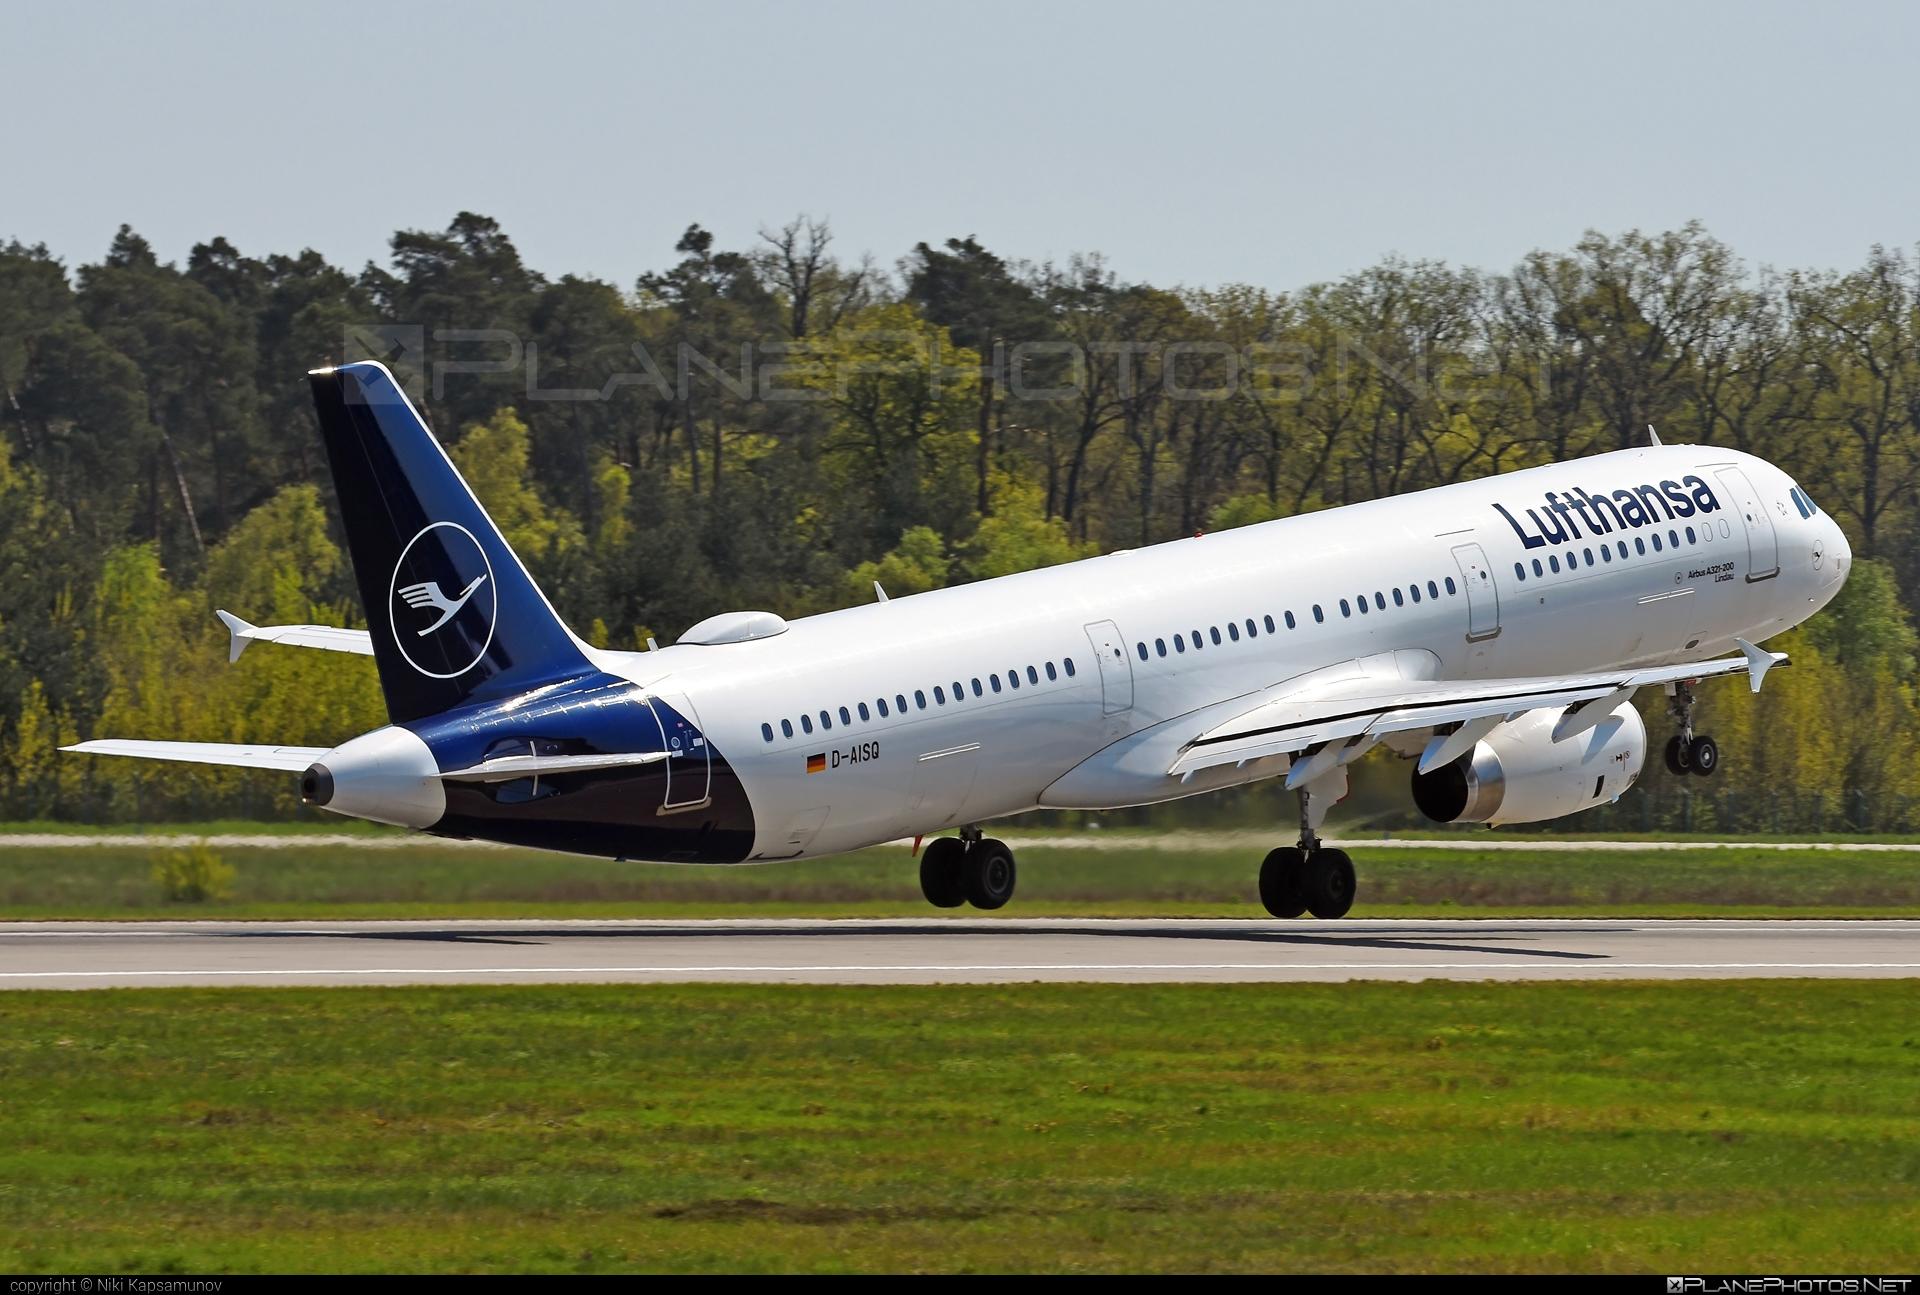 Airbus A321-231 - D-AISQ operated by Lufthansa #a320family #a321 #airbus #airbus321 #lufthansa